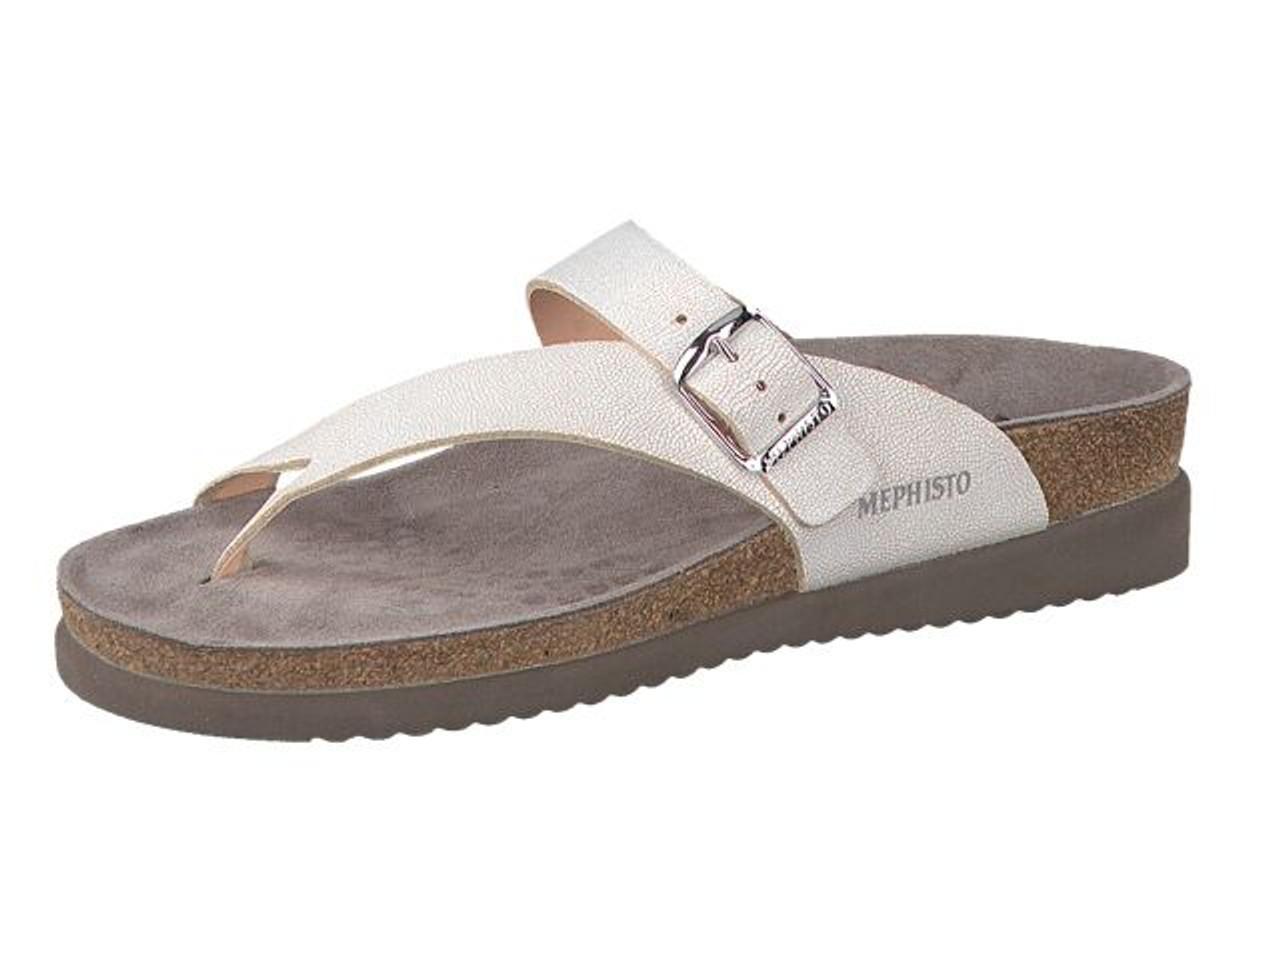 bf65de1404d Women's Mephisto Helen White Venise Sandal - Herbert's Boots and ...